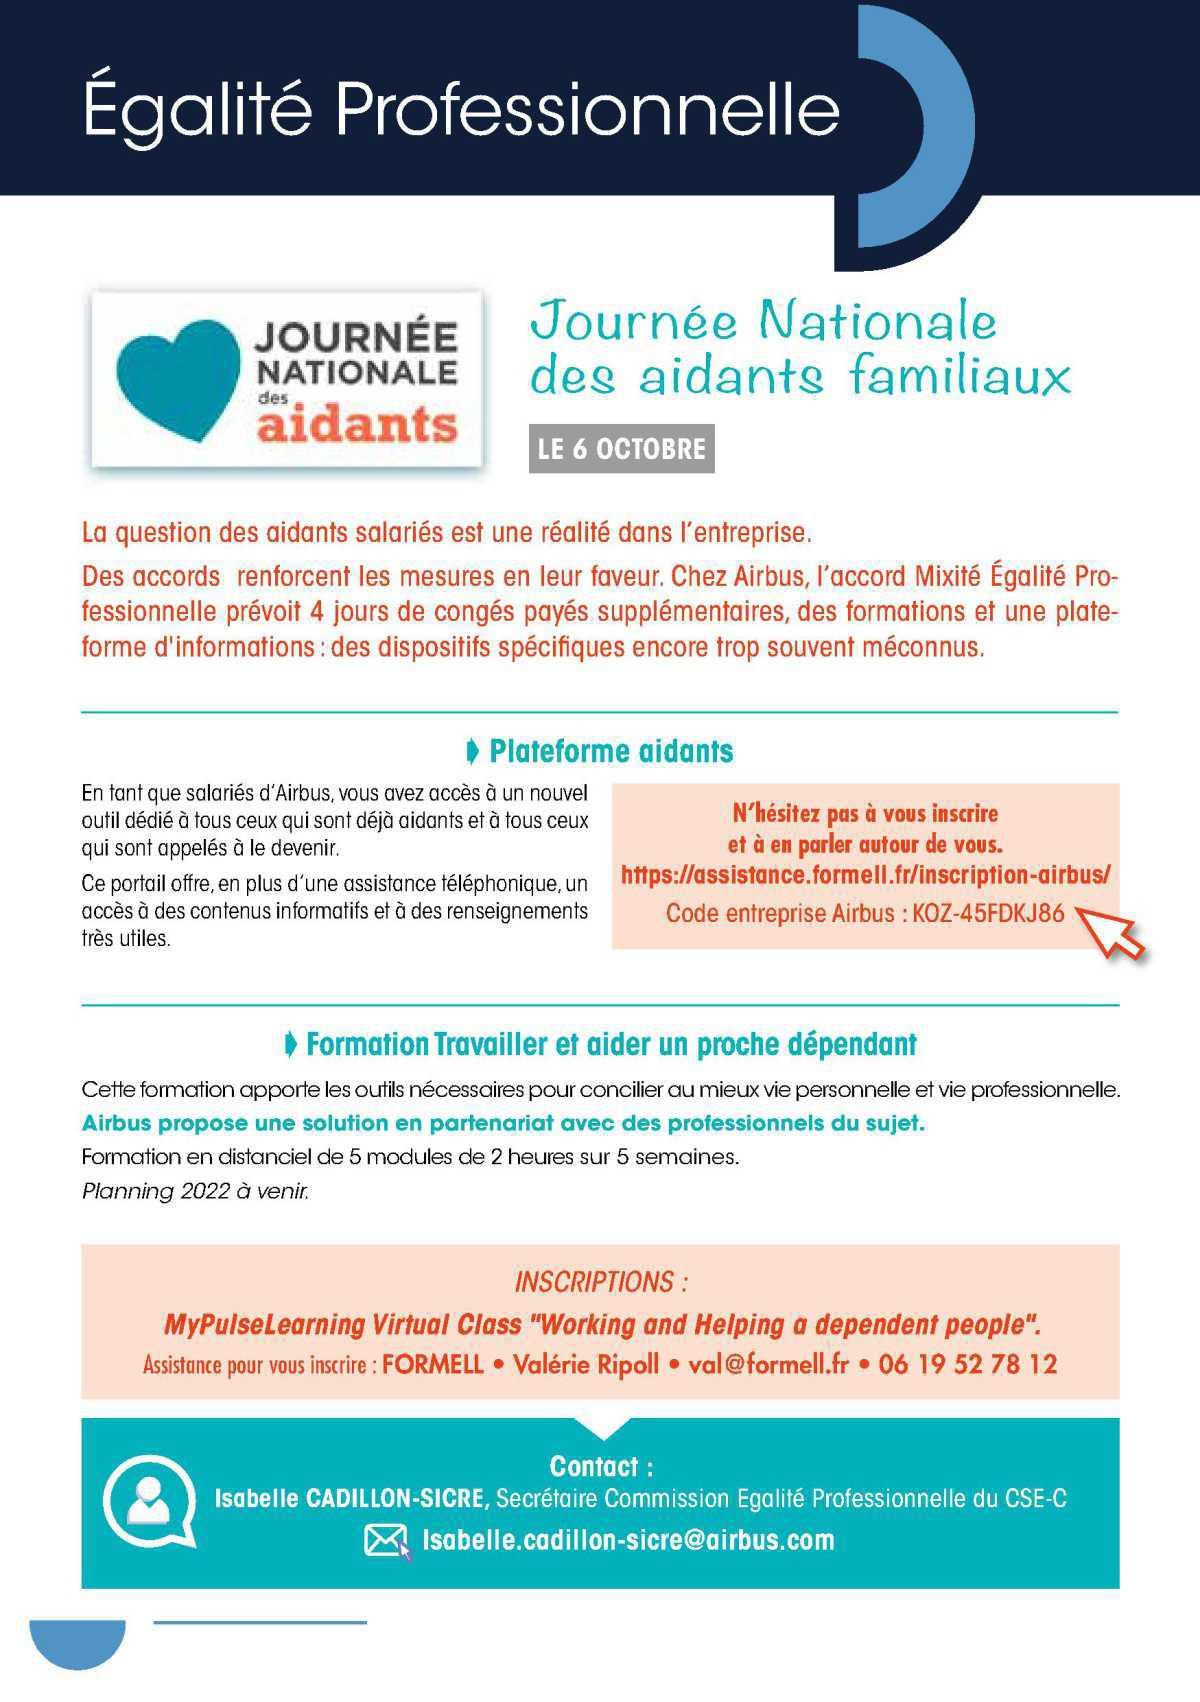 Journée nationale des aidants familiaux